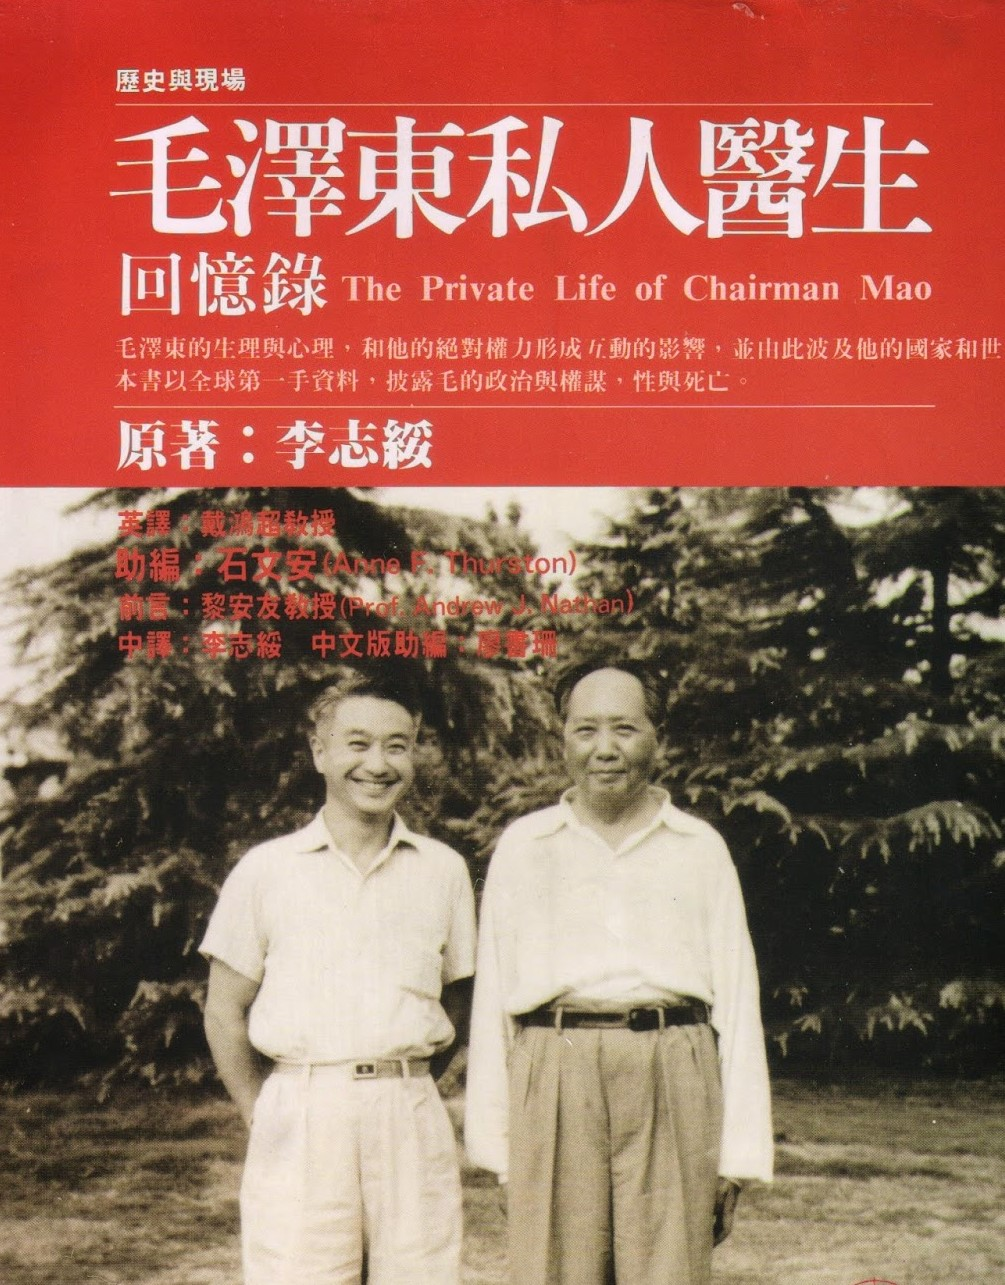 毛澤東的醫生李志綏回憶錄